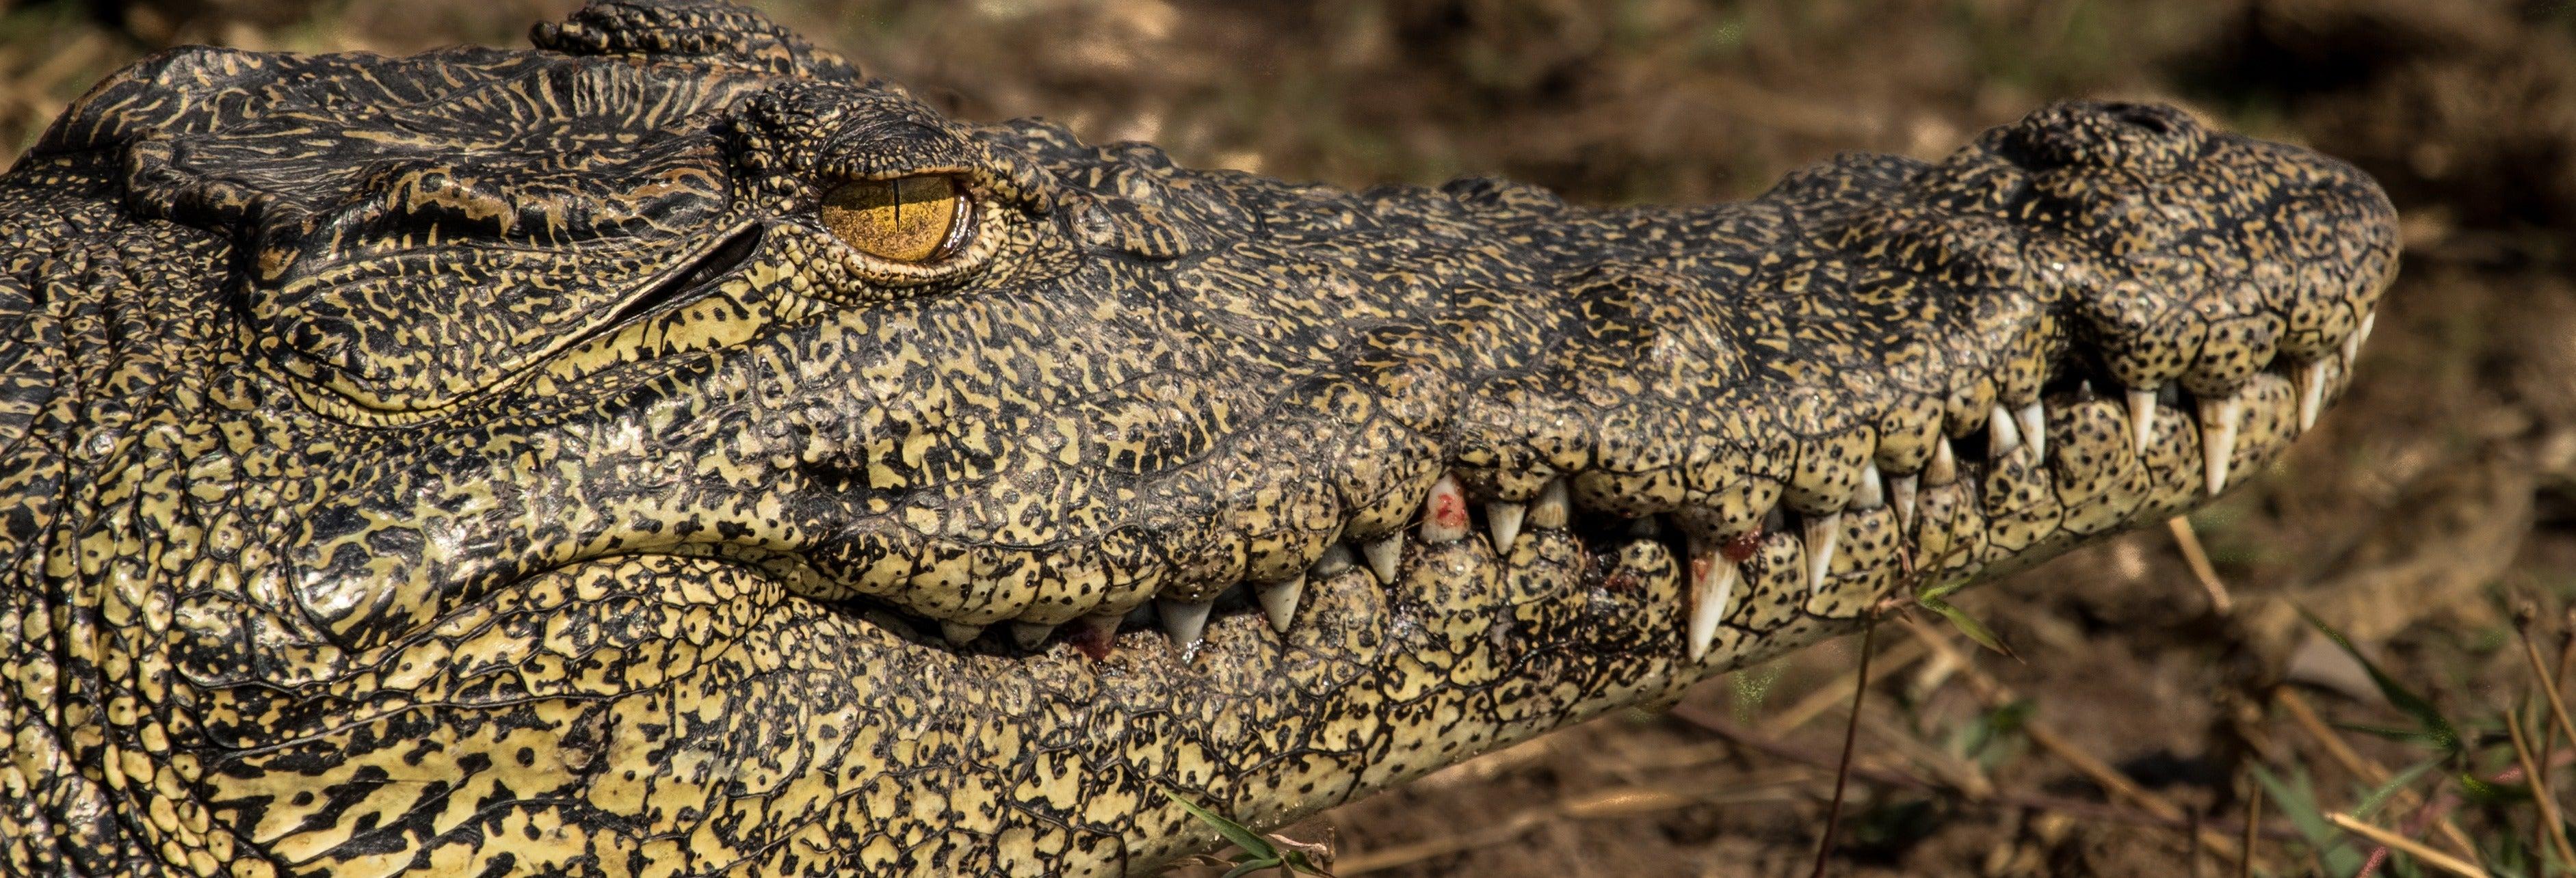 Safari di coccodrilli nella selva tropicale